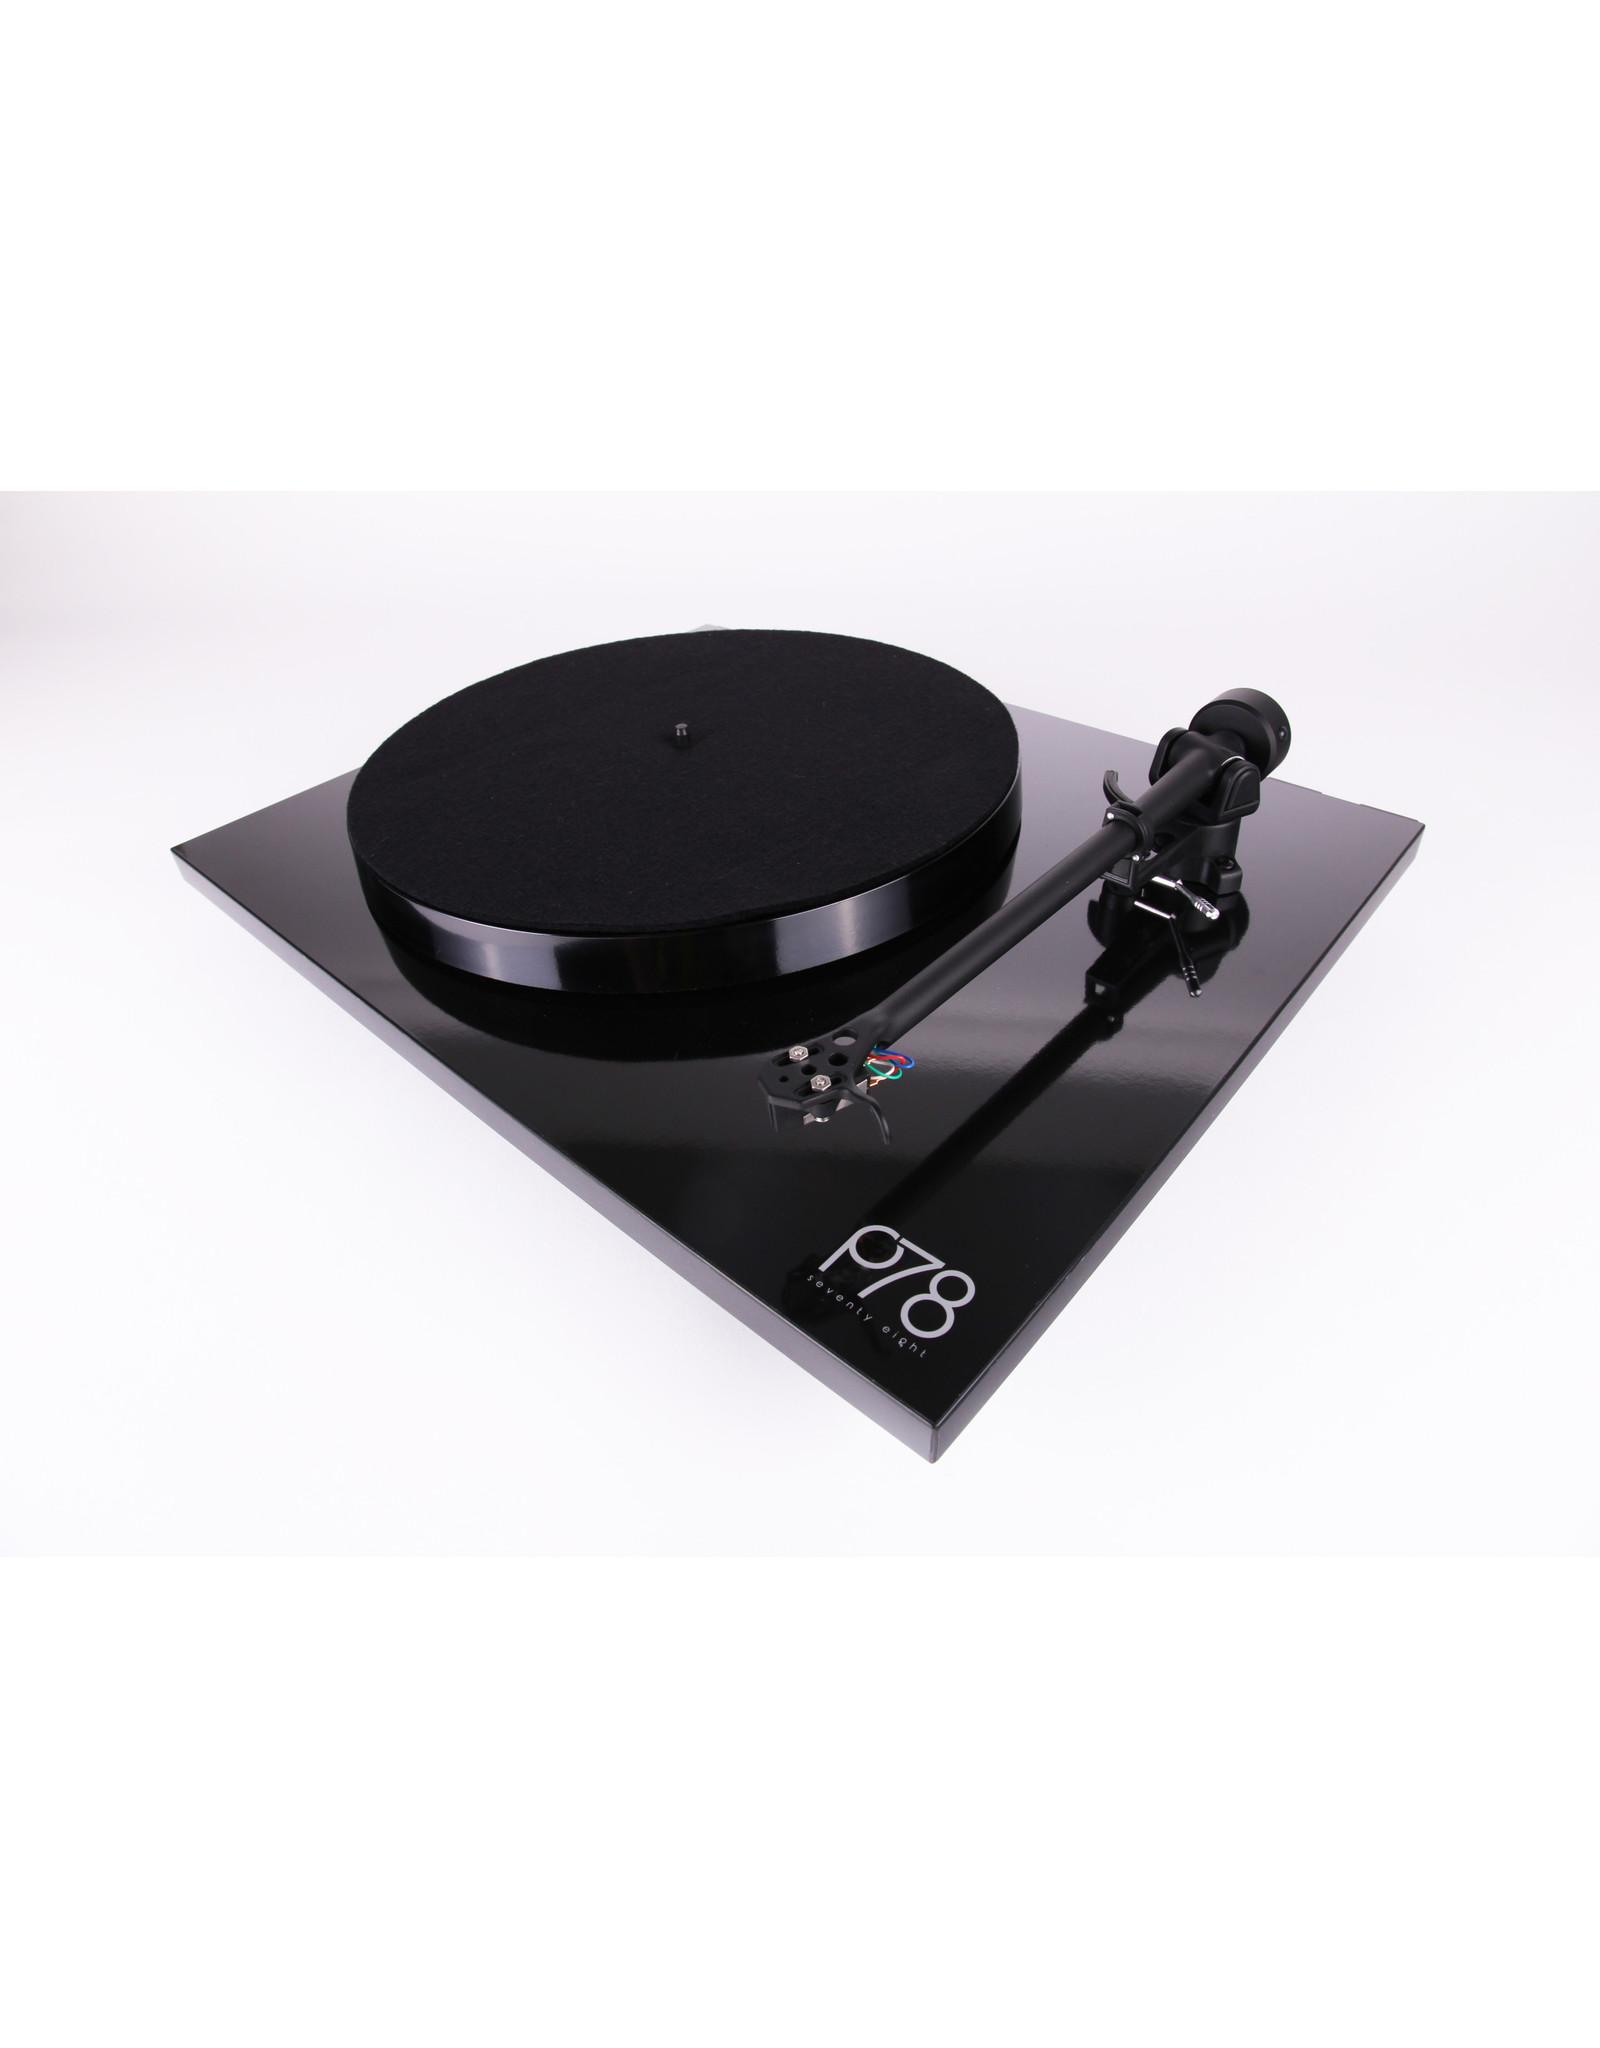 Rega Rega Planar 78 Turntable Black